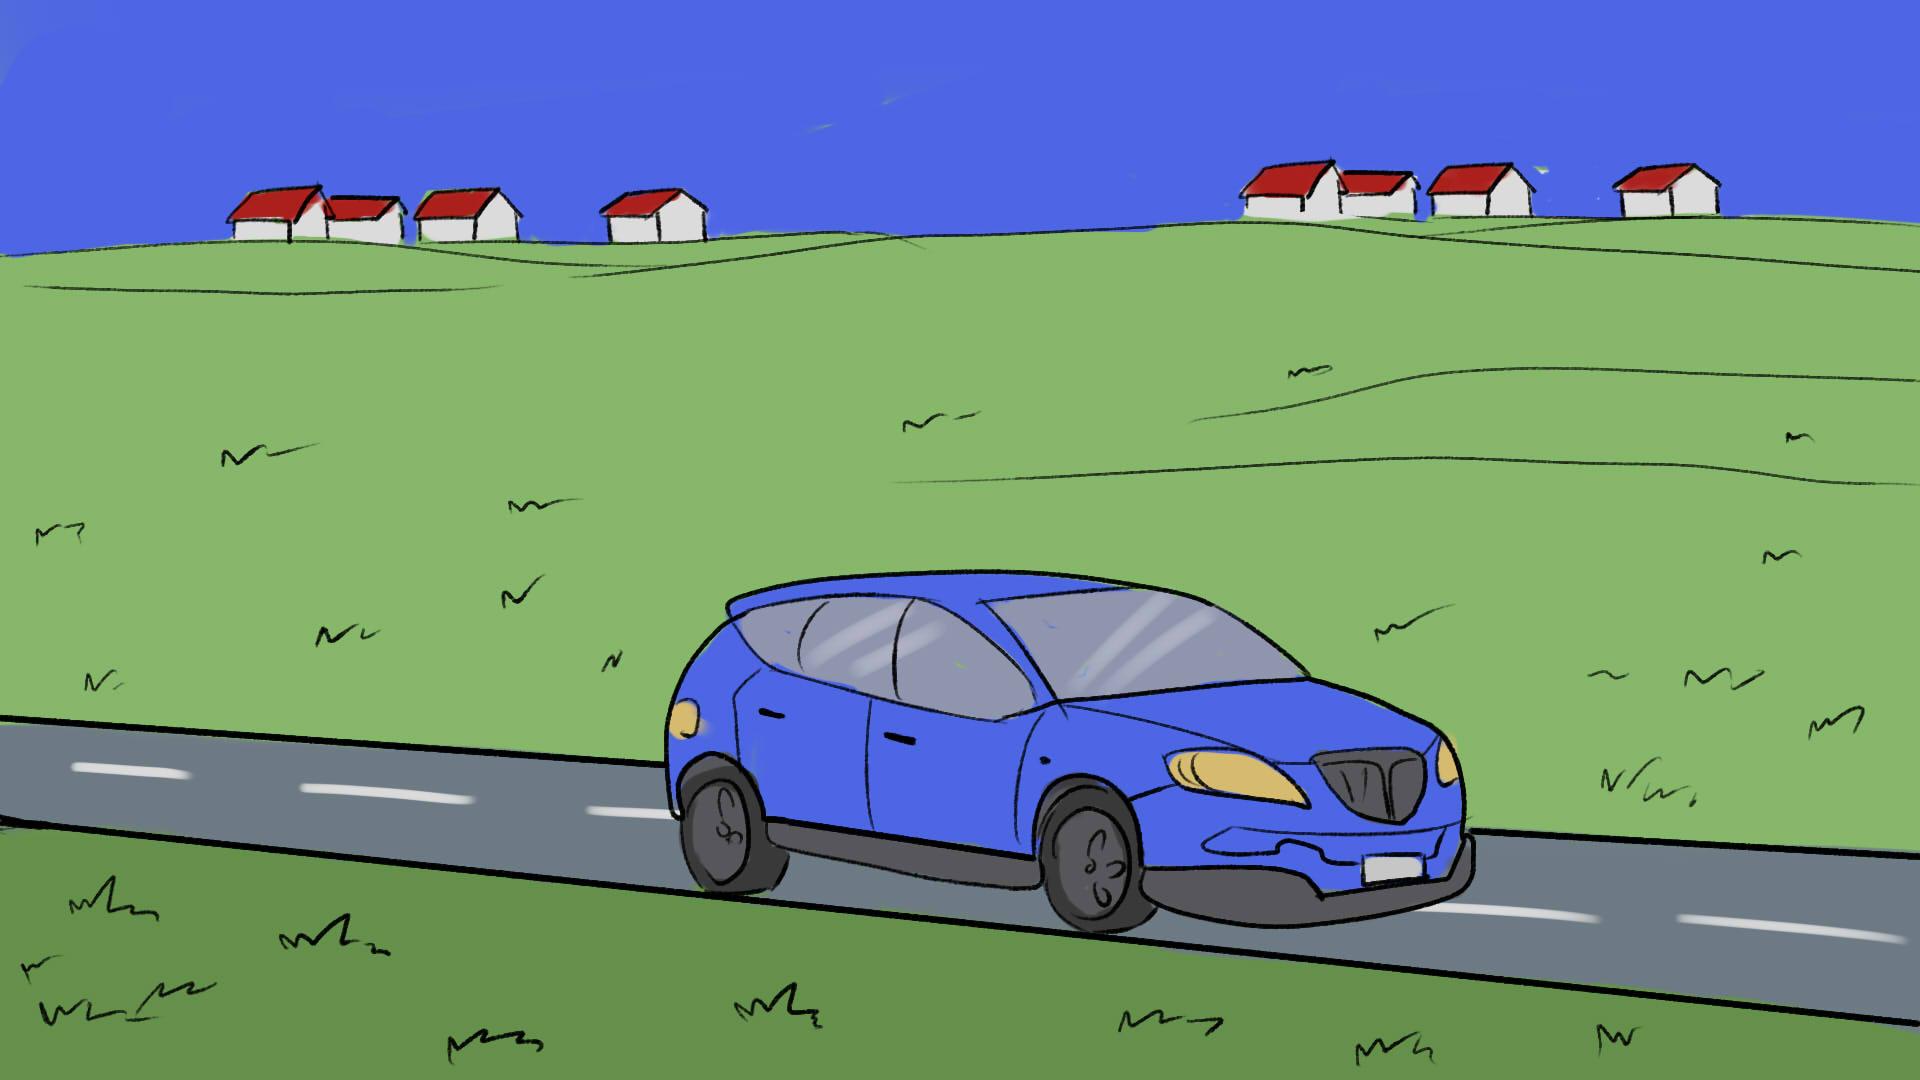 КАСКО: какие действия предпринять, если Ваш авто угнали?